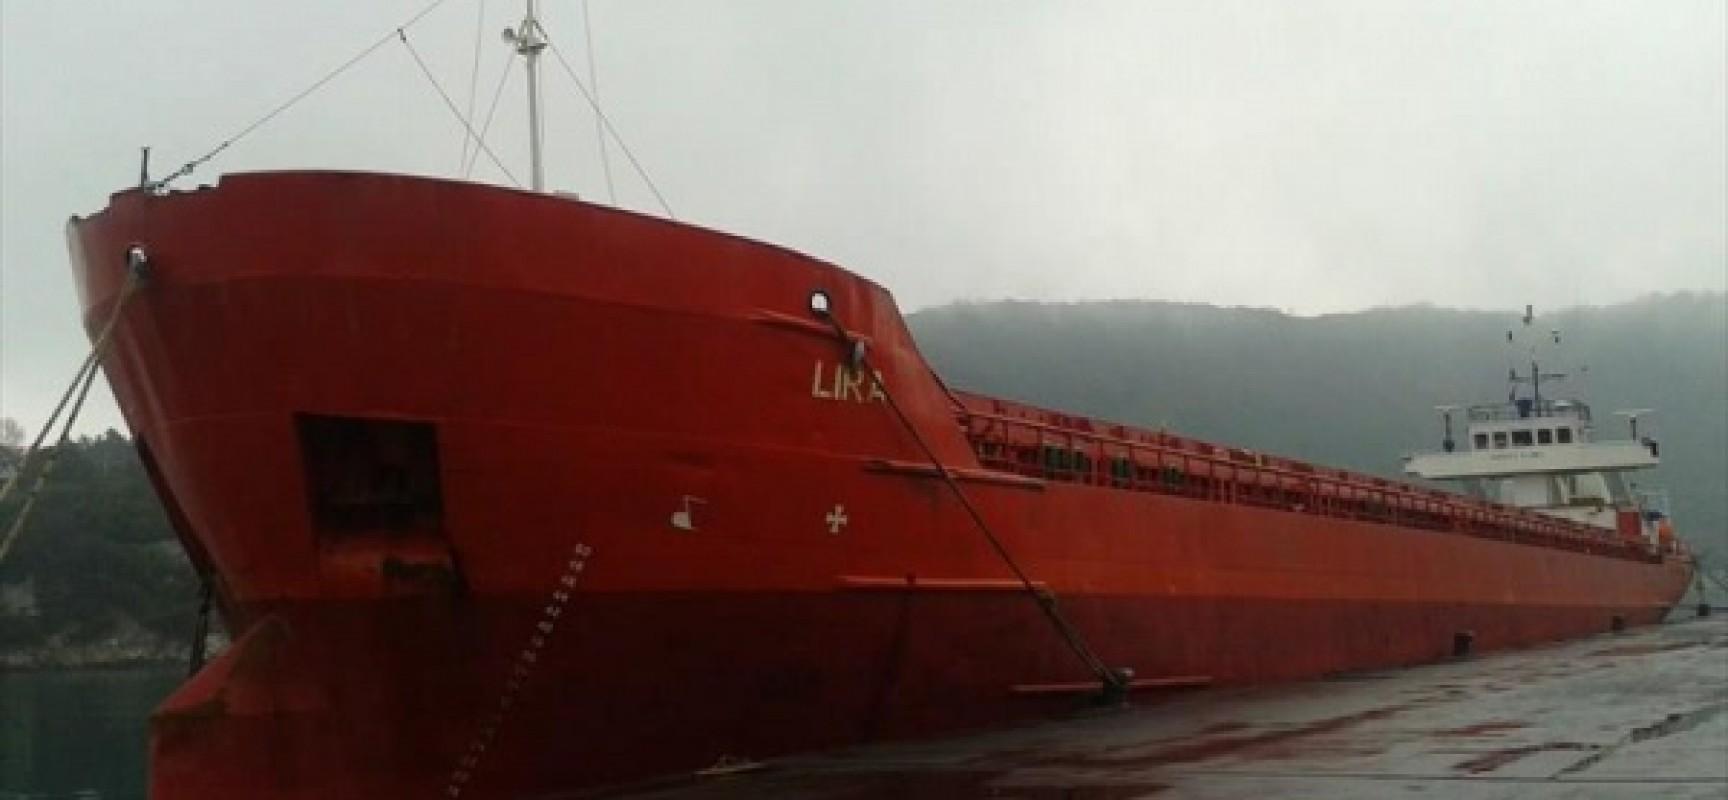 Судно «Лира» столкнулось с опорой технологического моста в Керченском проливе